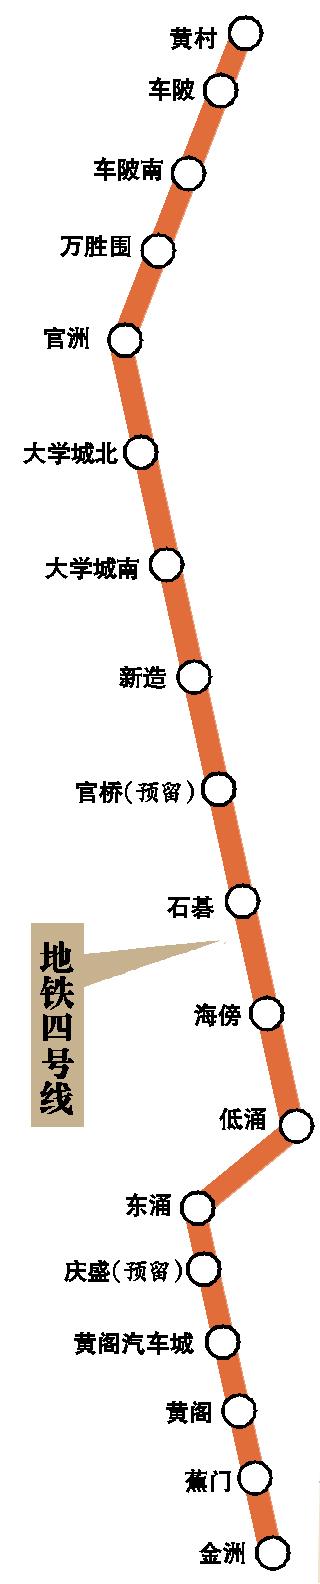 地铁今年北接机场南通新火车站